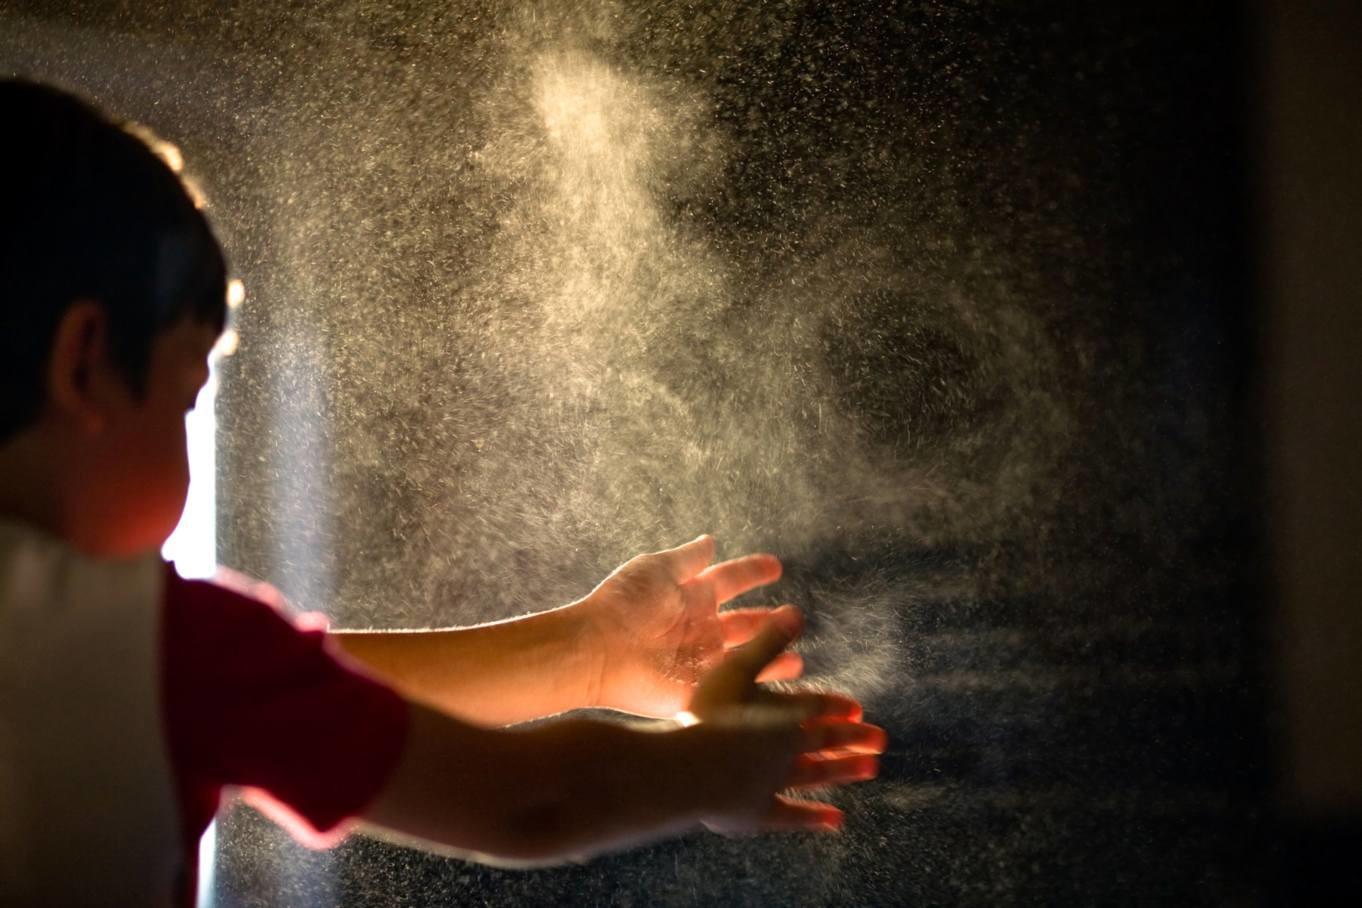 Опасность пыли и других взвешенных частиц фото